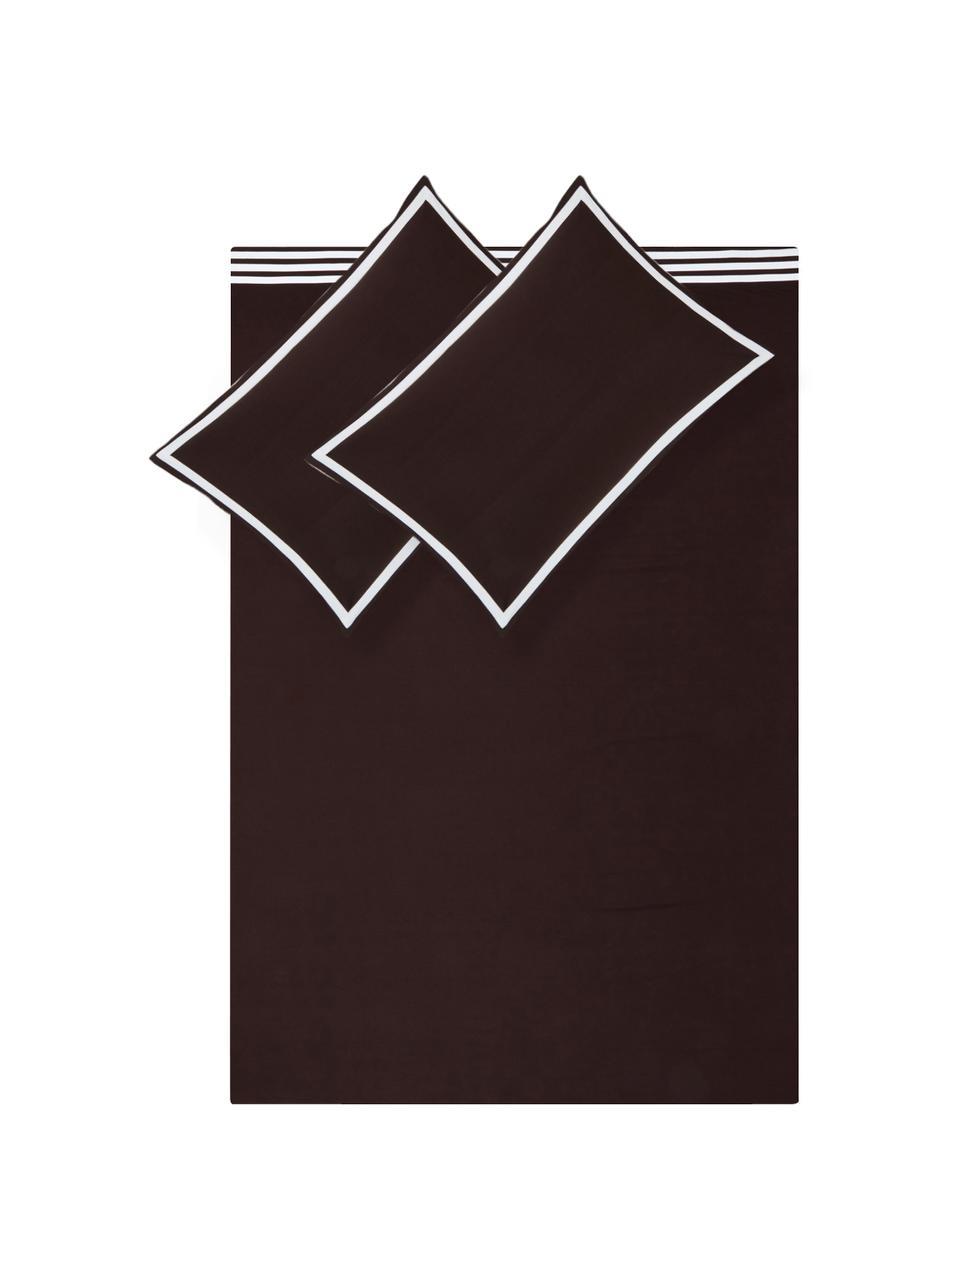 Set lenzuola in cotone Hilton, Cotone La biancheria da letto in cotone è piacevolmente morbida sulla pelle, assorbe bene l'umidità ed è adatta per chi soffre di allergie, Marrone, bianco, 250 x 290 cm + 2 federe 50 x 80 cm + lenzuola 180 x 200 cm